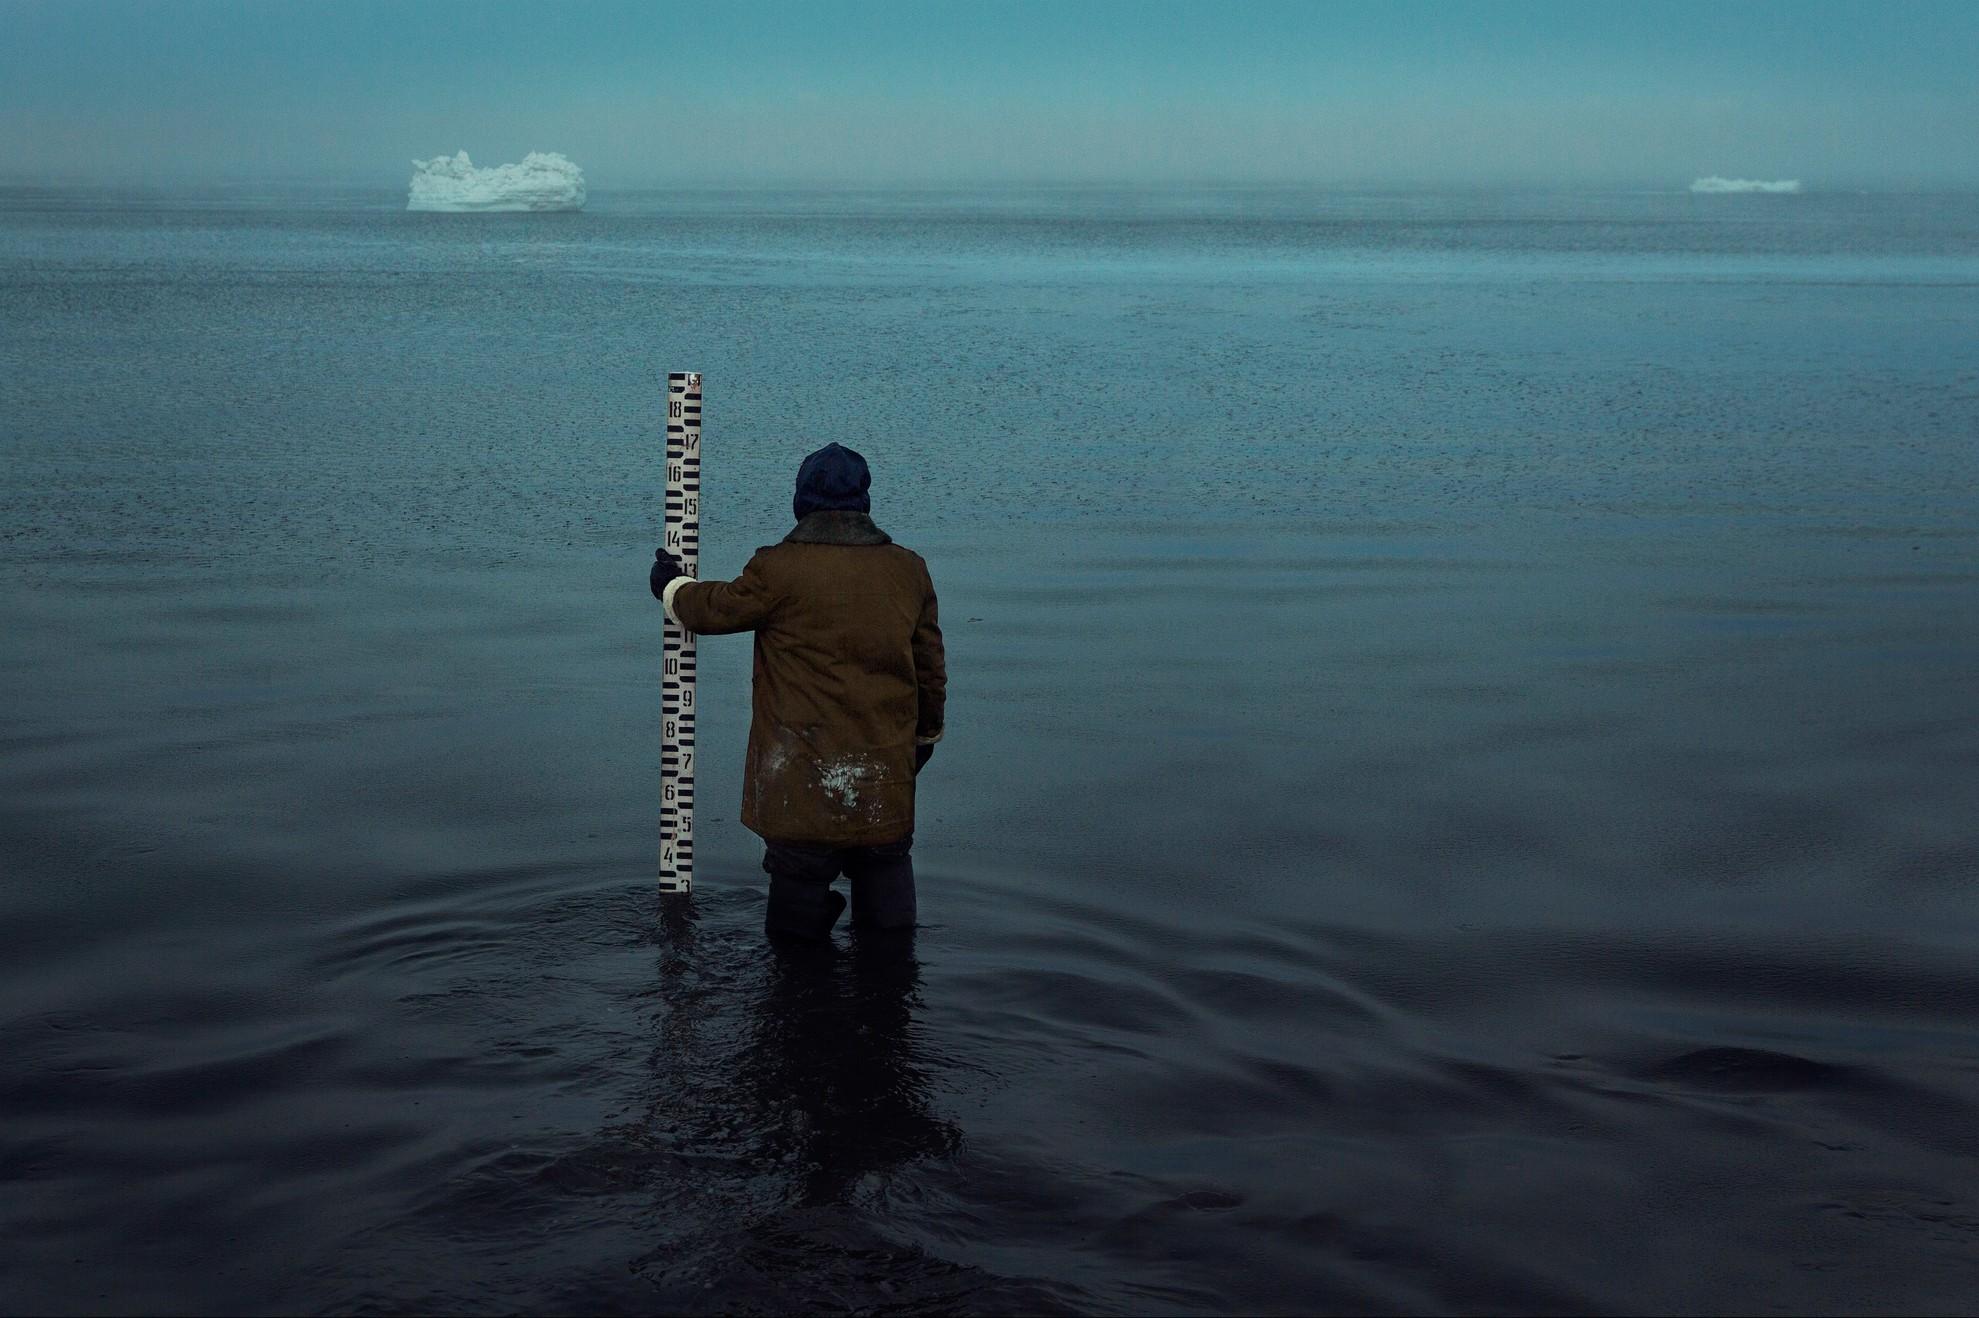 Морская гидрометеорологическая станция впоселке Ходовариха непрерывно работает с17 ноября 1933 года. Полуостров Русский Заворот находится насевере Ненецкого автономного округа иомывается Печорским морем